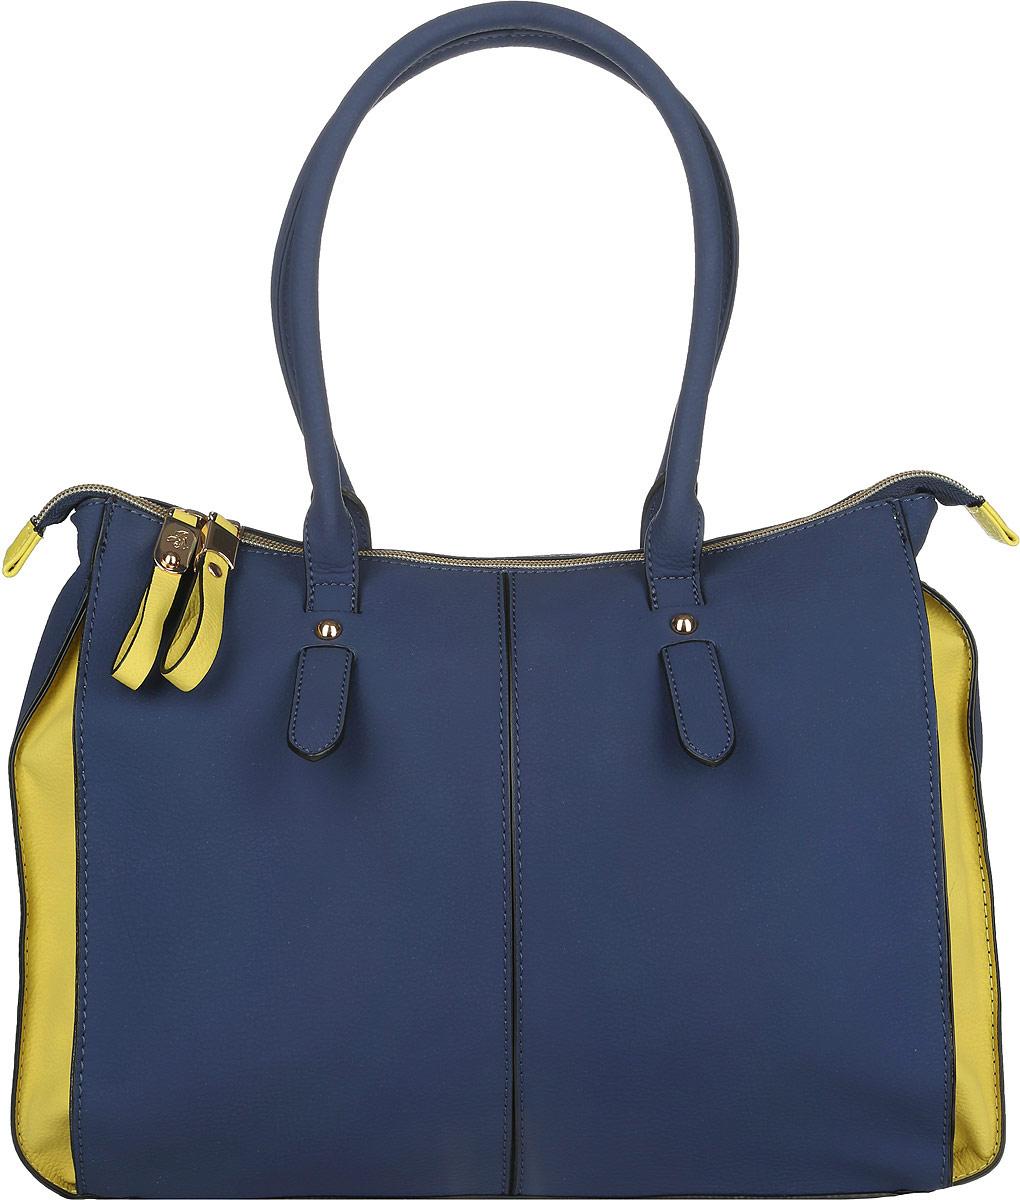 Сумка женская Jane Shilton, цвет: темно-синий, желтый. 20552055navyСтильная женская сумка Jane Shilton выполнена из искусственной кожи с фактурным тиснением. Изделие имеет одно основное отделение, разделенное пополам карманом-средником на застежке-молнии. Закрывается изделие на застежку-молнию. Внутри находятся прорезной карман на застежке-молнии и накладной открытый карман. Снаружи, на задней стенке расположен прорезной карман на застежке-молнии. Модель оснащена двумя удобными ручками. Роскошная сумка внесет элегантные нотки в ваш образ и подчеркнет ваше отменное чувство стиля.